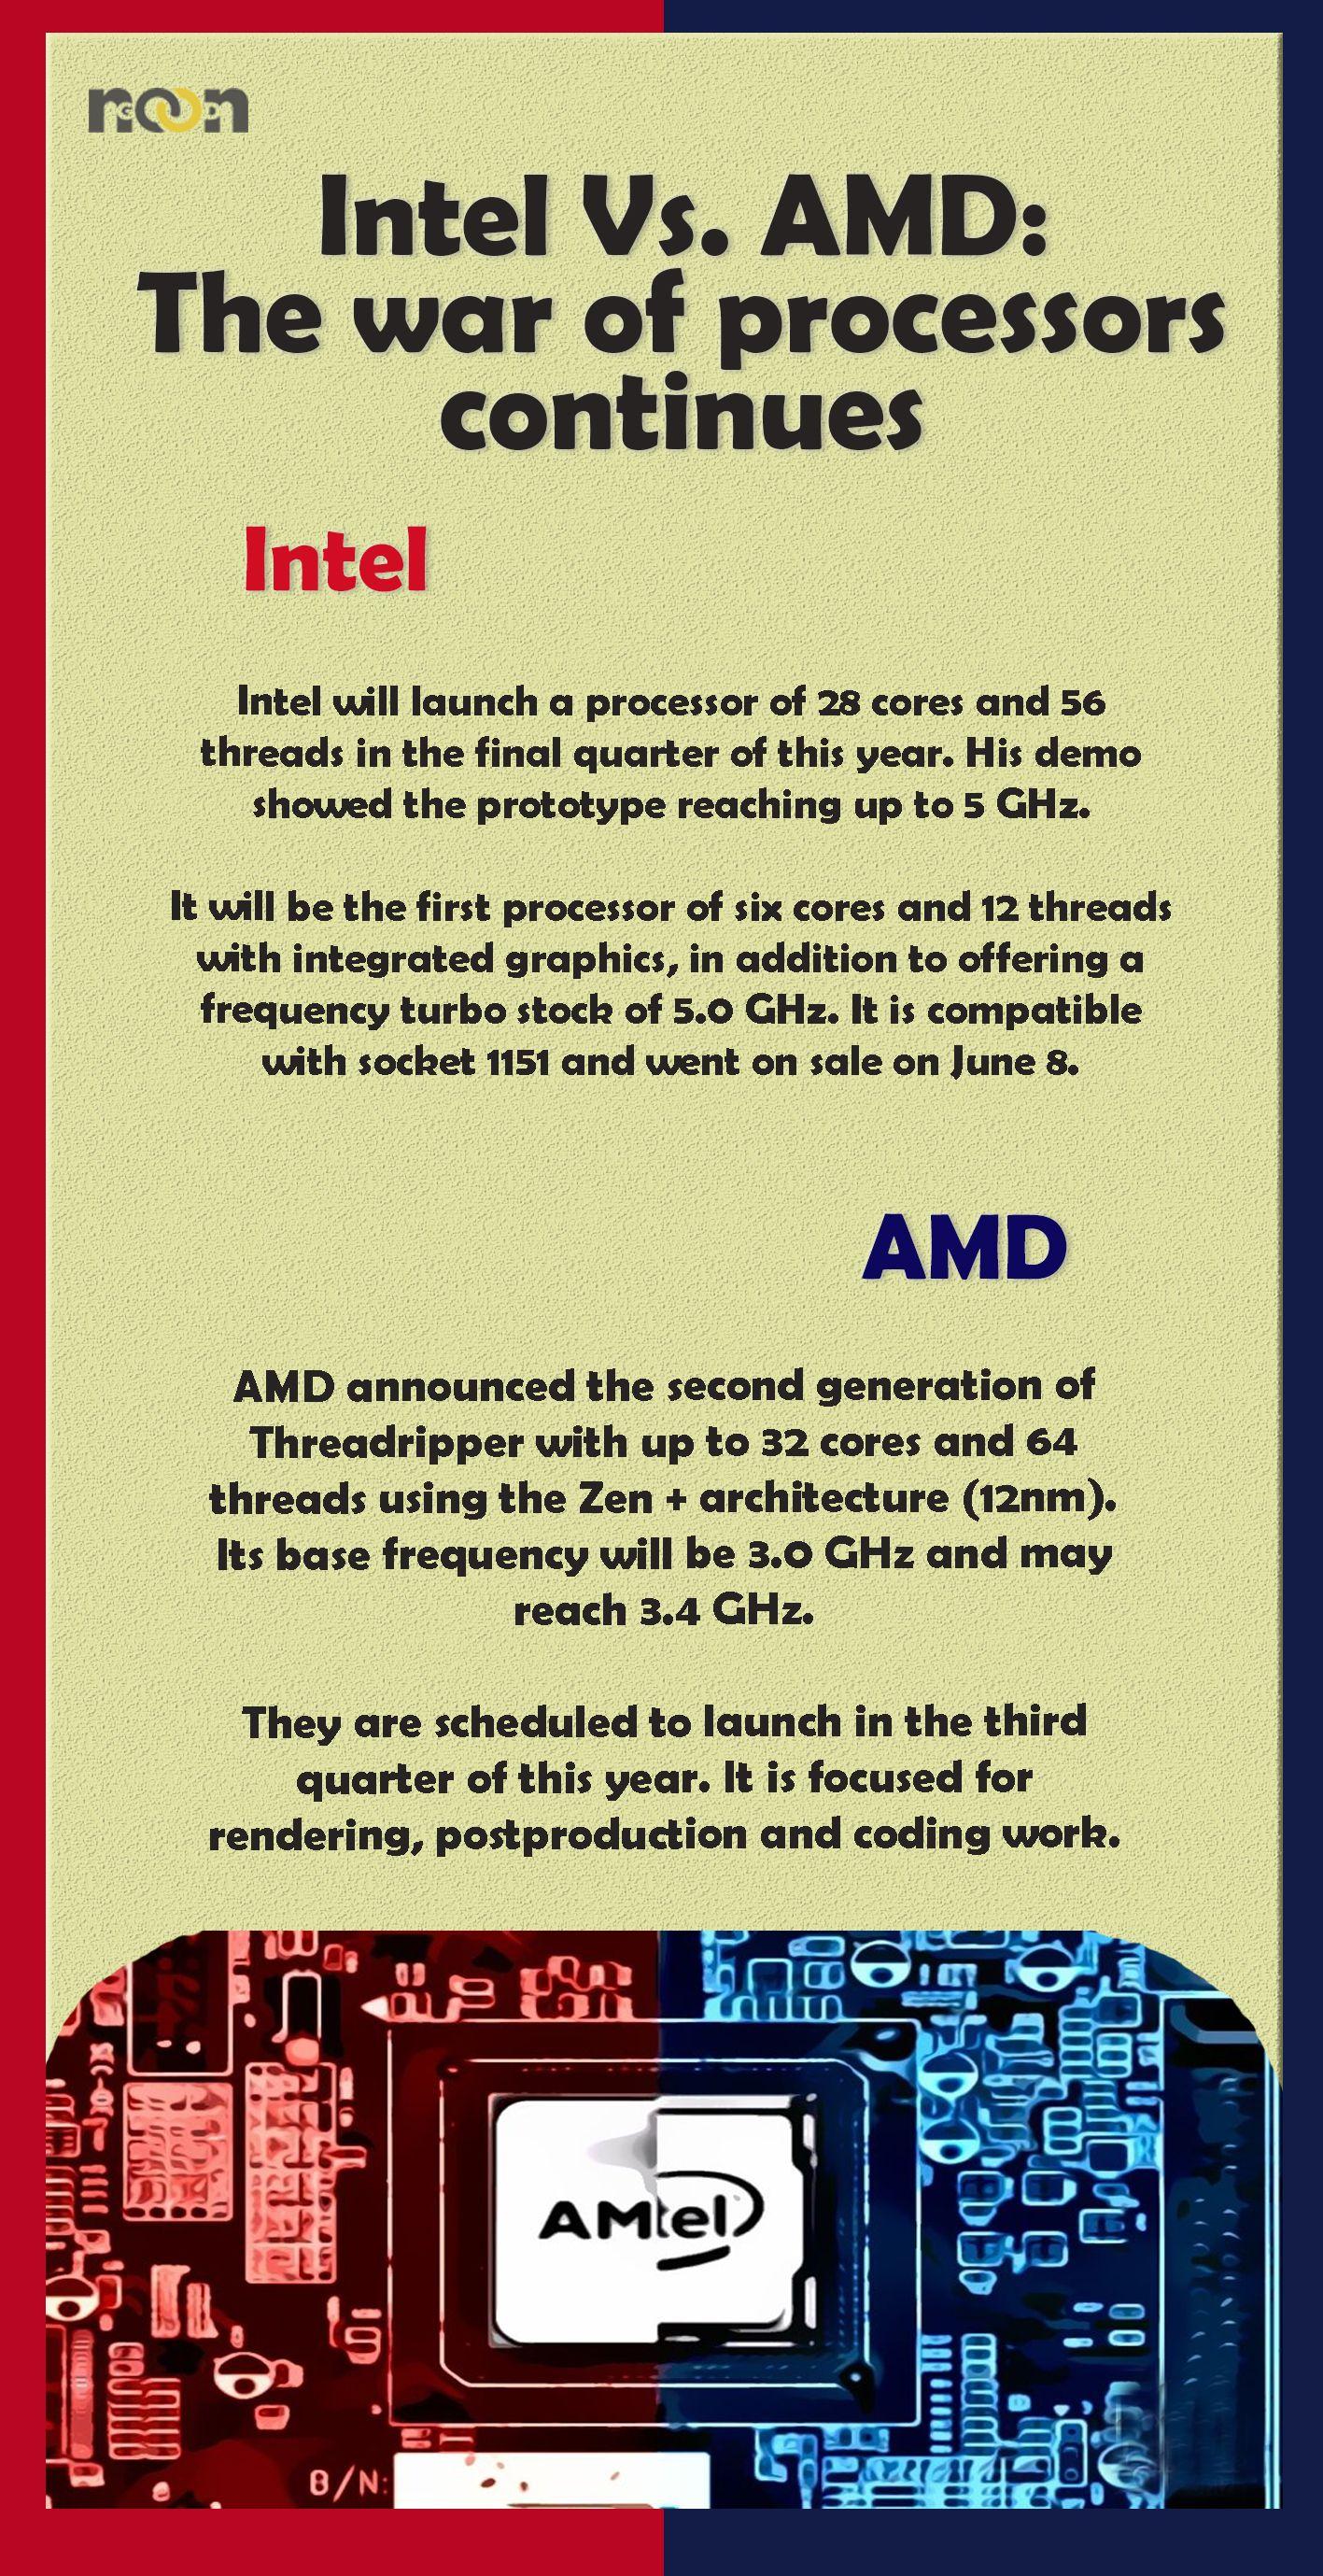 Intel Vs Amd The War Of Processors Continues Intel Amd Technologies Breakingnews News Goodnoon Pr Firms Digital Marketing Amd